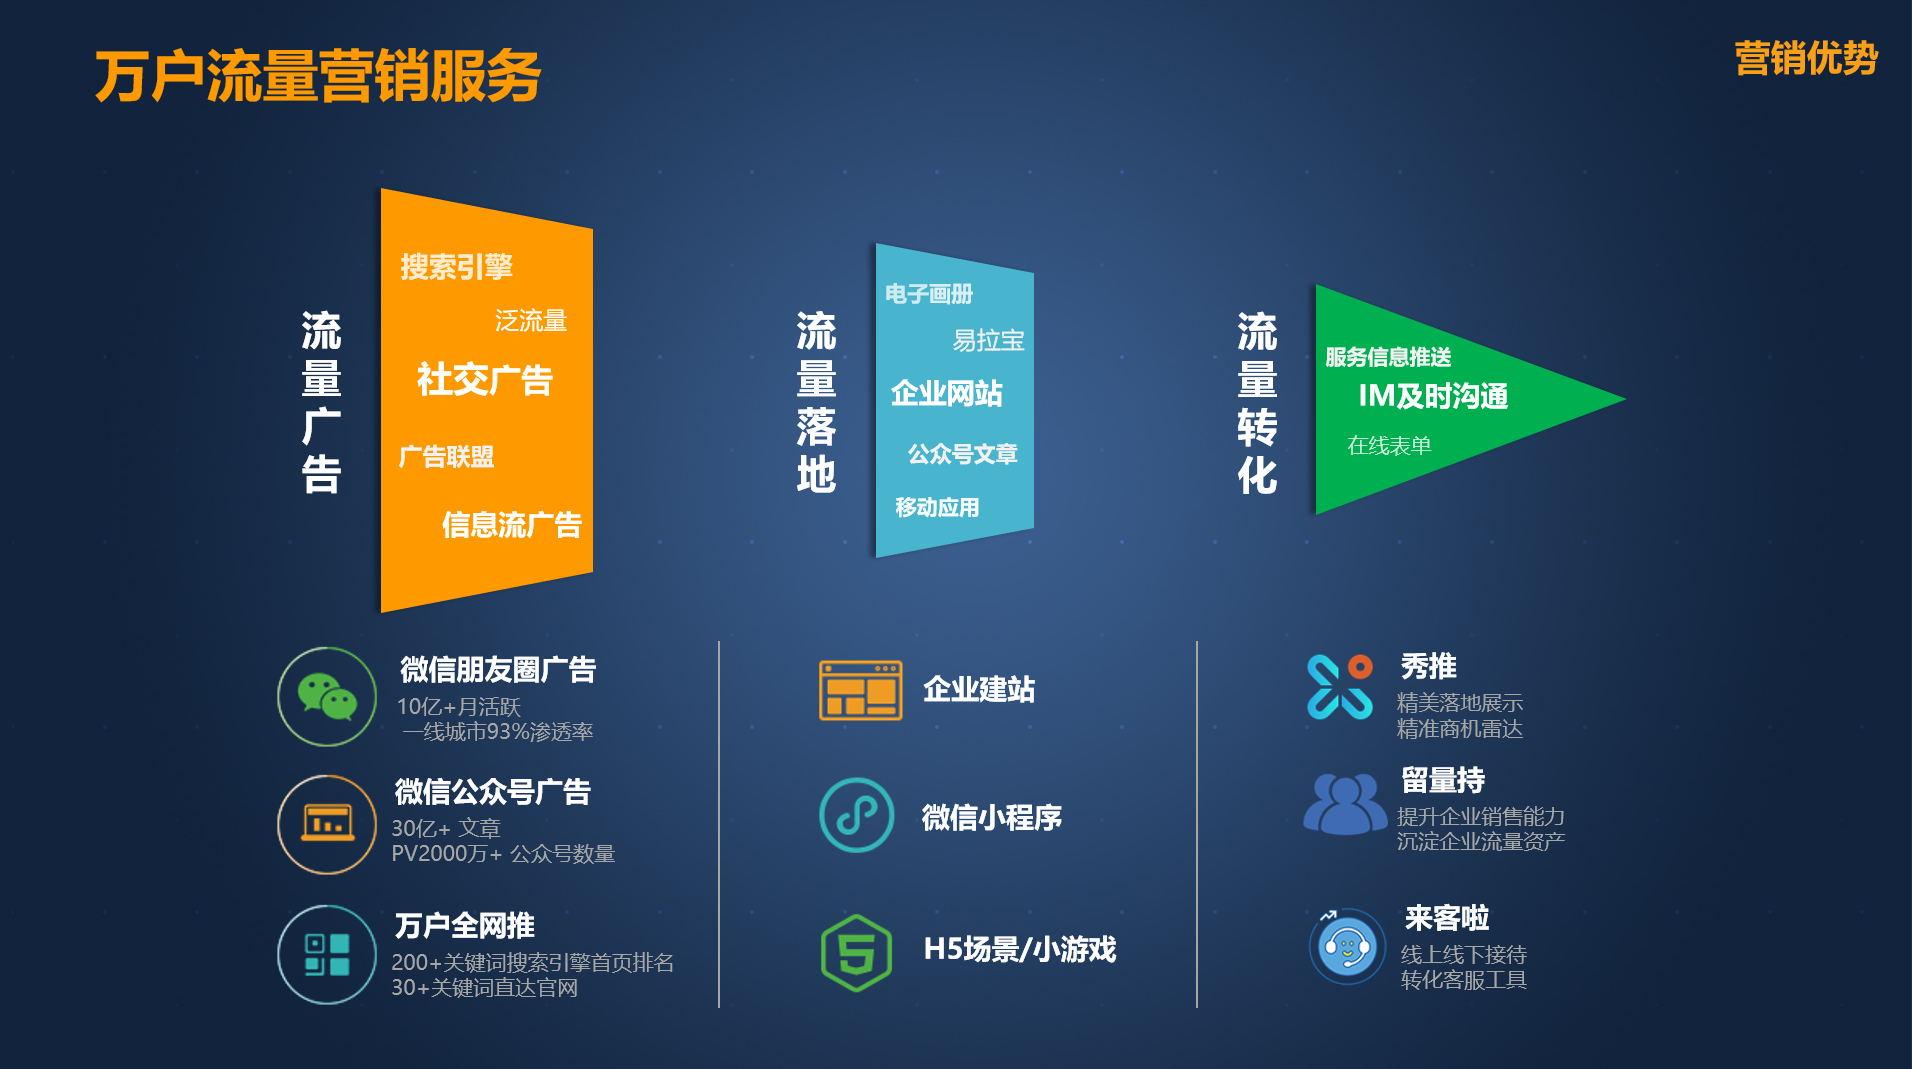 _小程序开发微信开发定制微官网公众平台制作设计商城社区公众号29